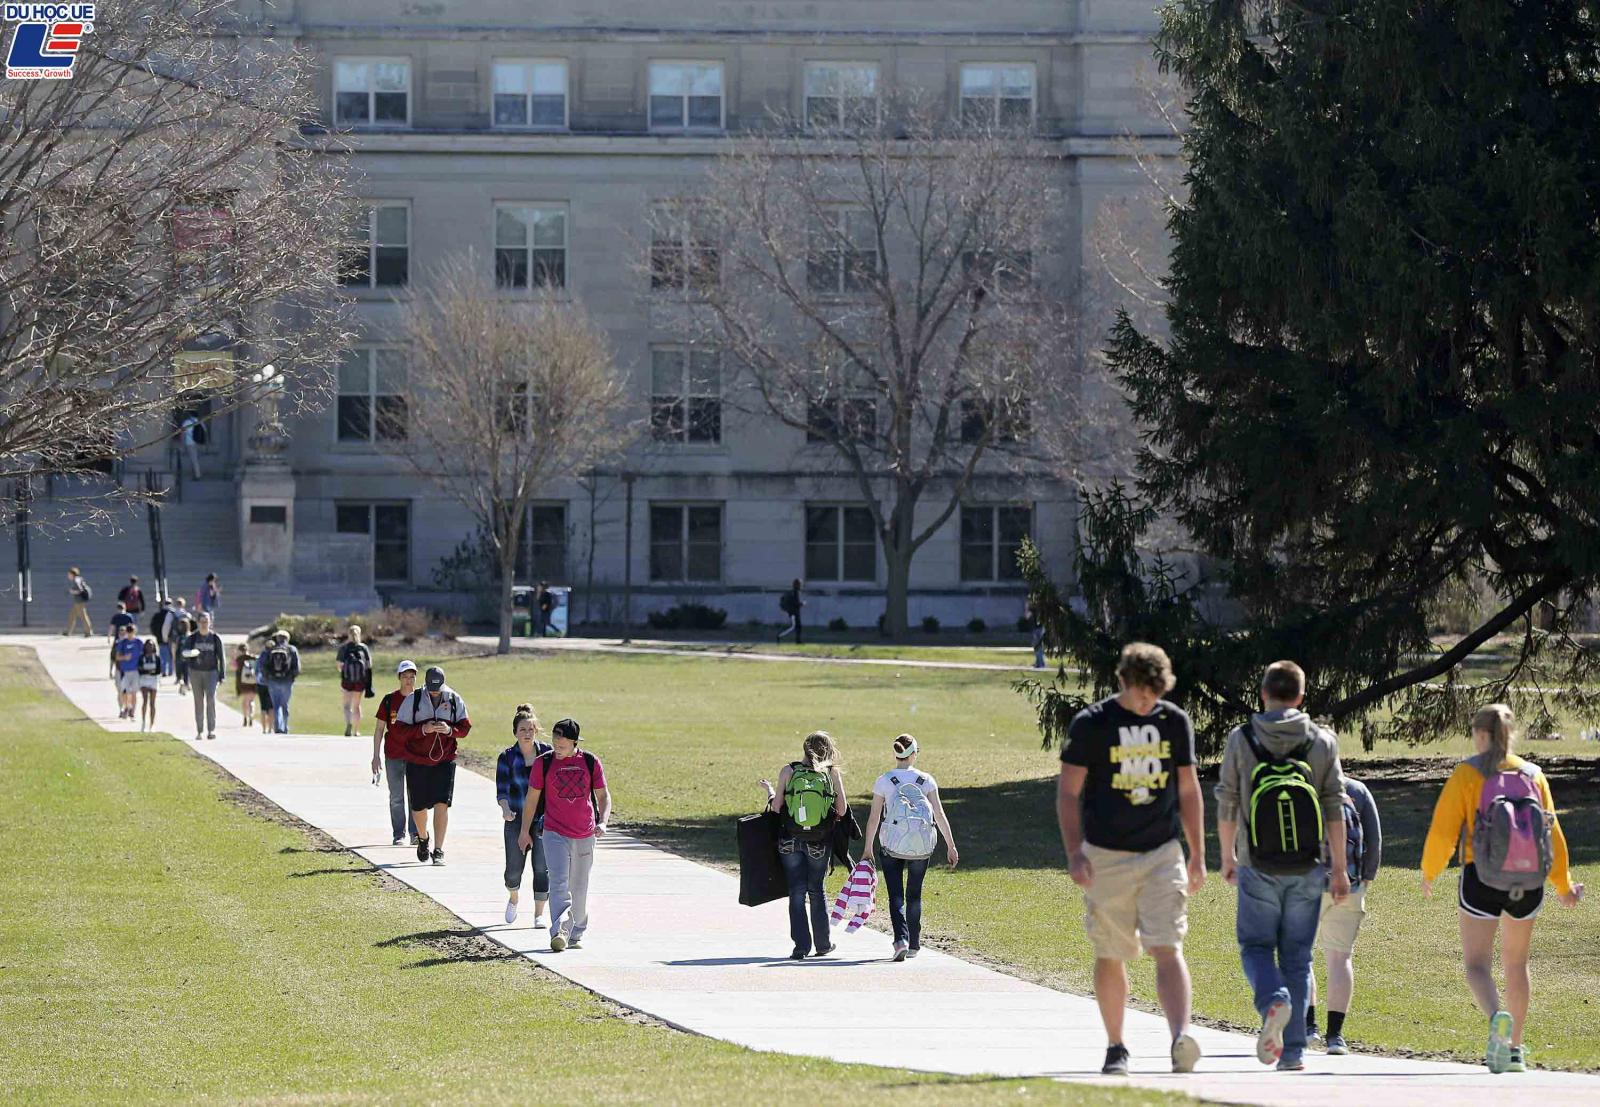 Học bổng $40.000 từ trường đại học nghiên cứu hàng đầu - Iowa State University